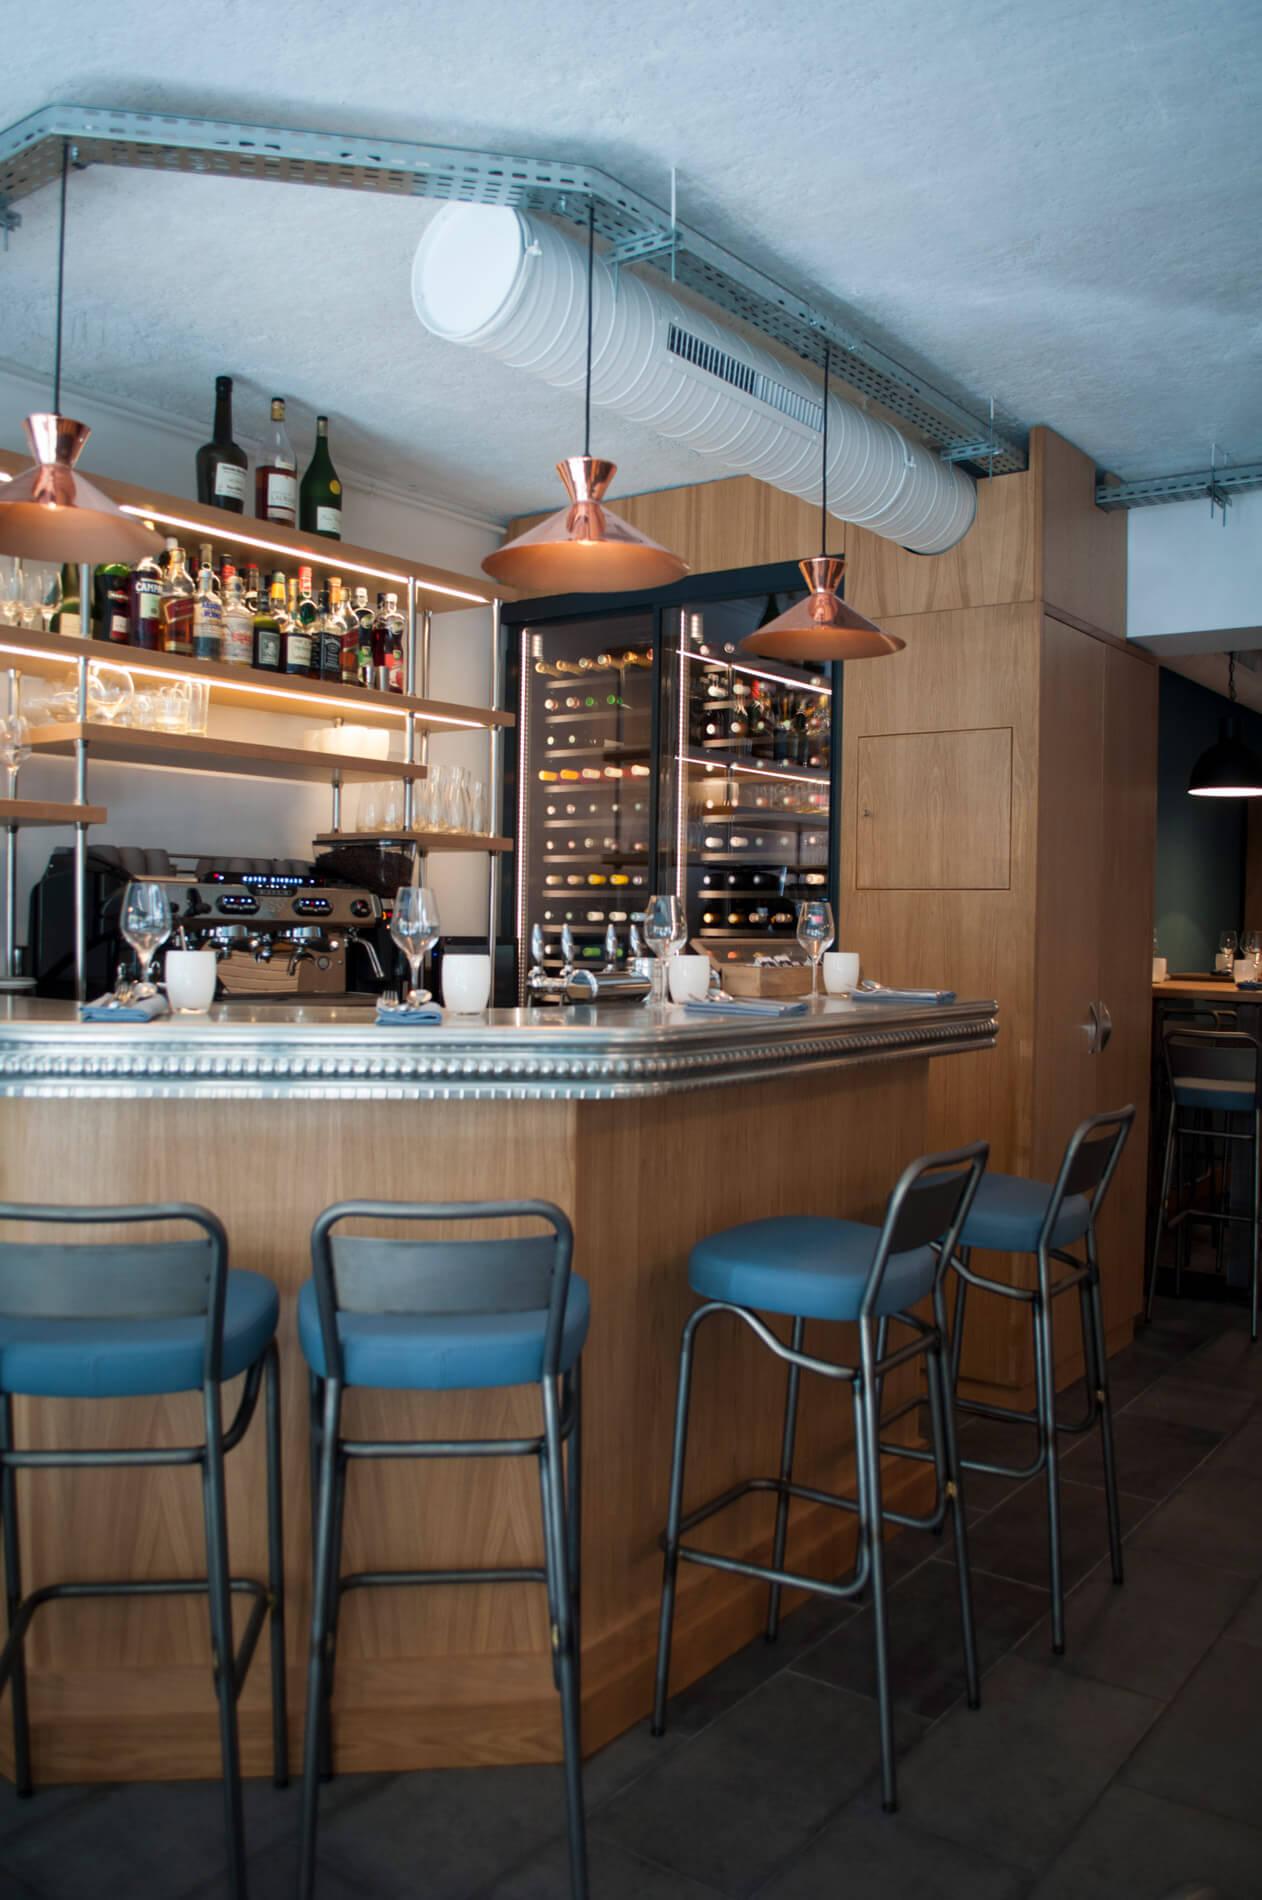 Pottoka, le bar où manger sur le pouce et boire un bon verre